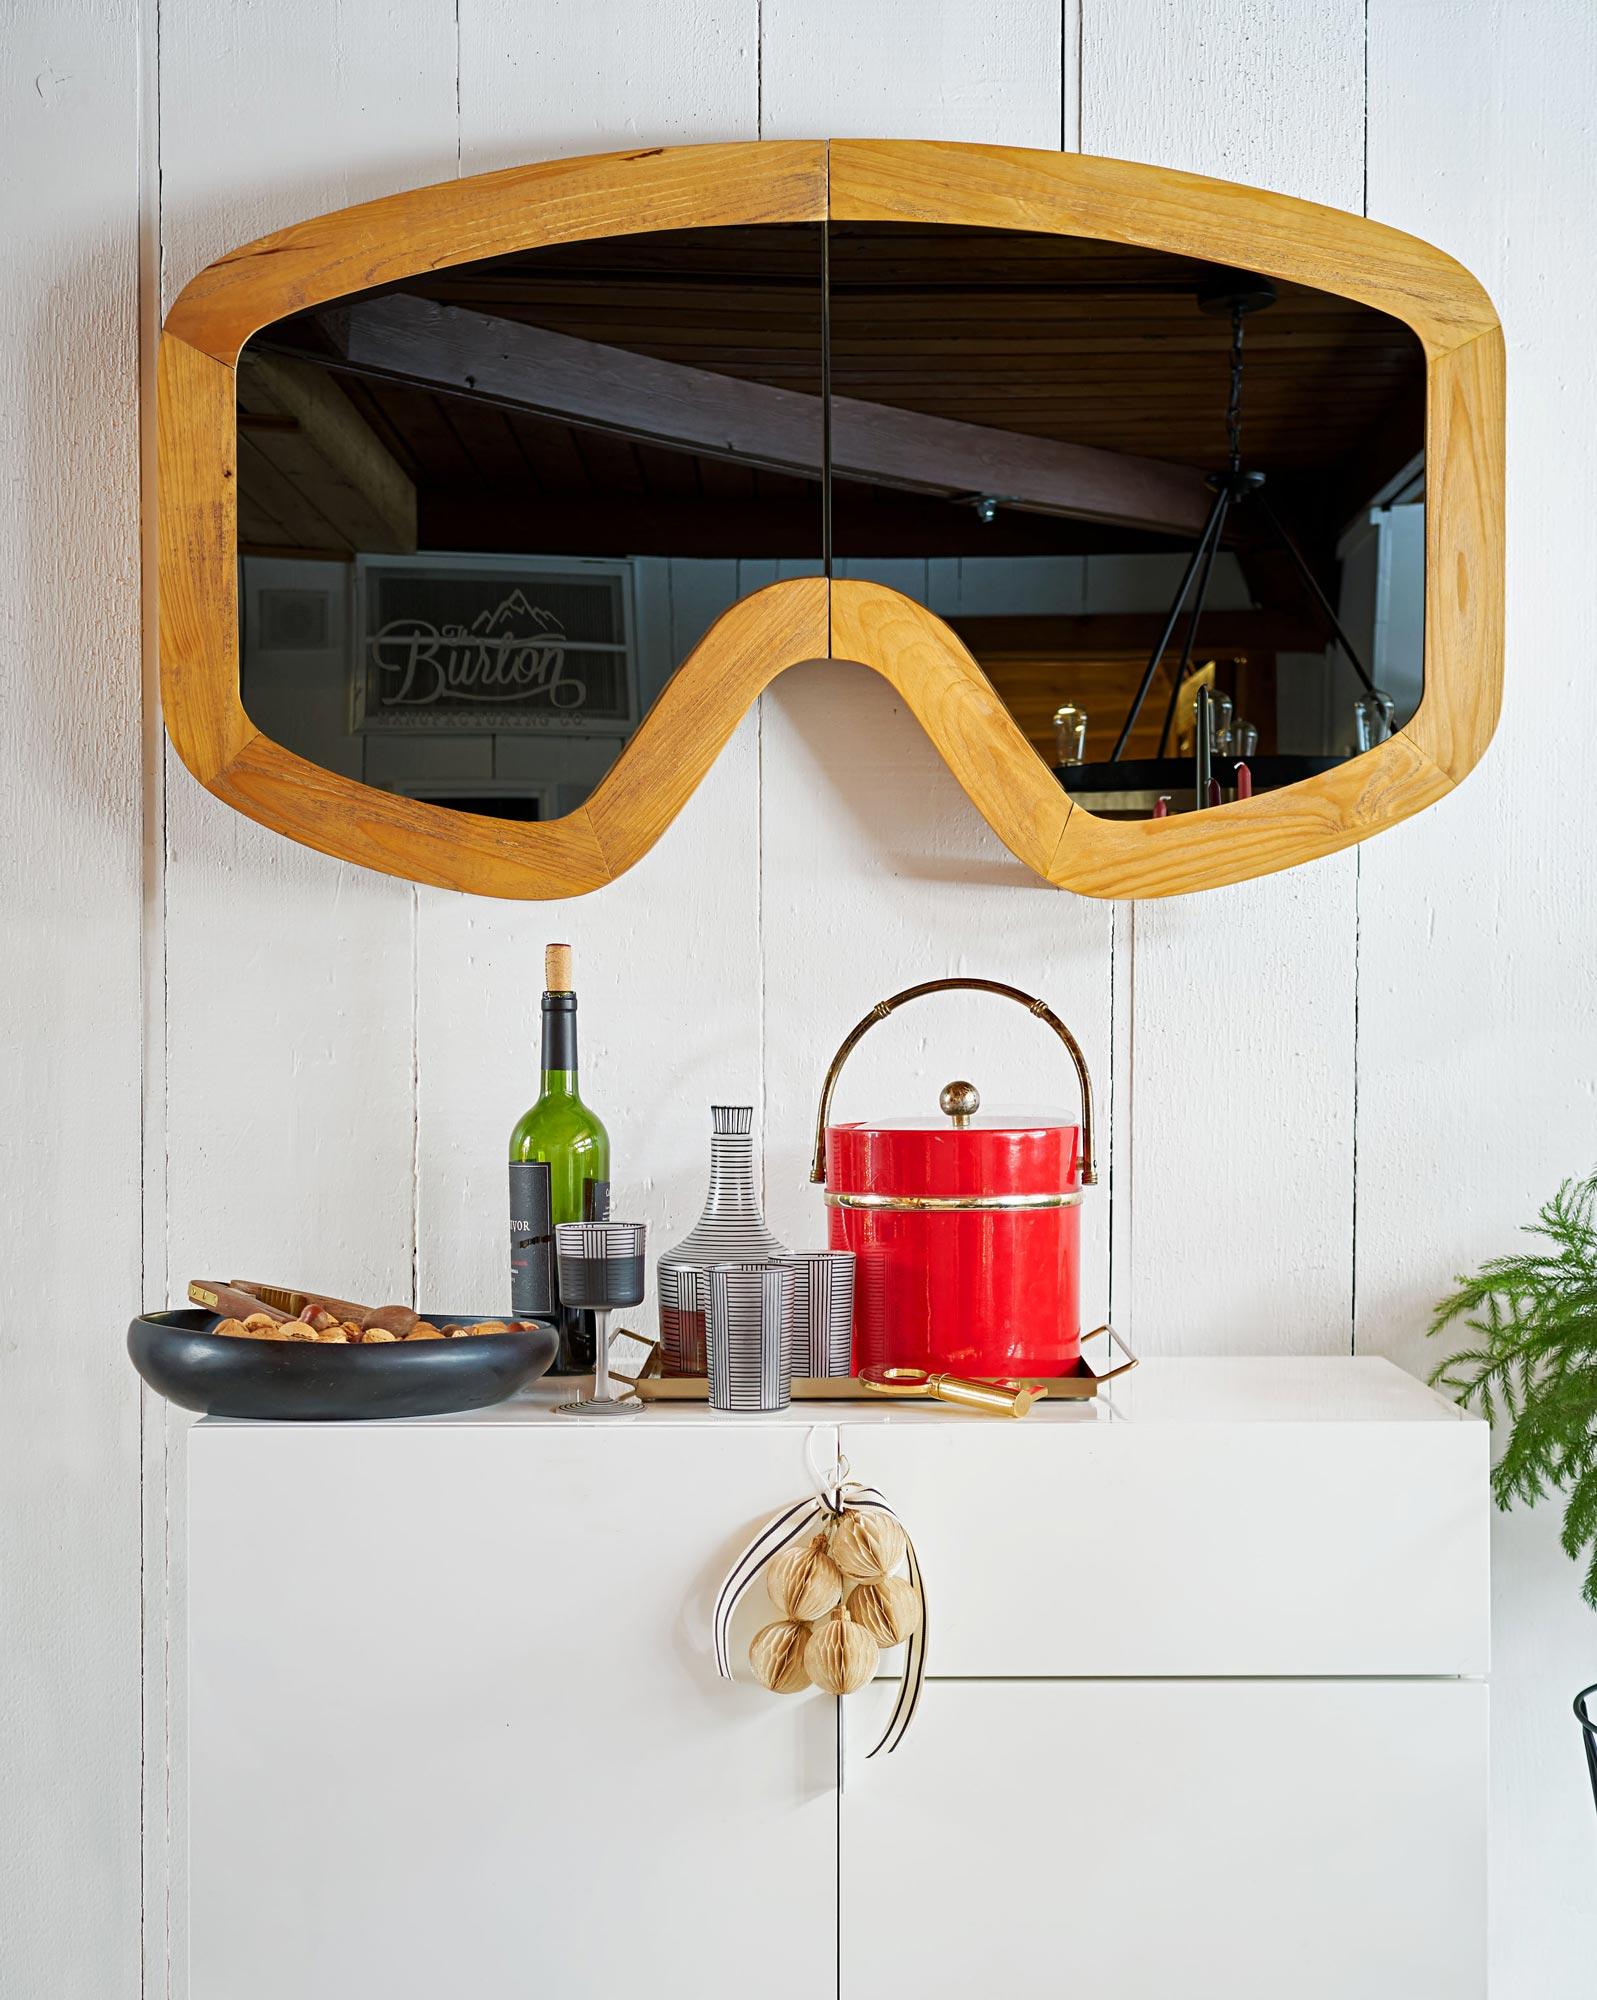 Ski-goggle mirror